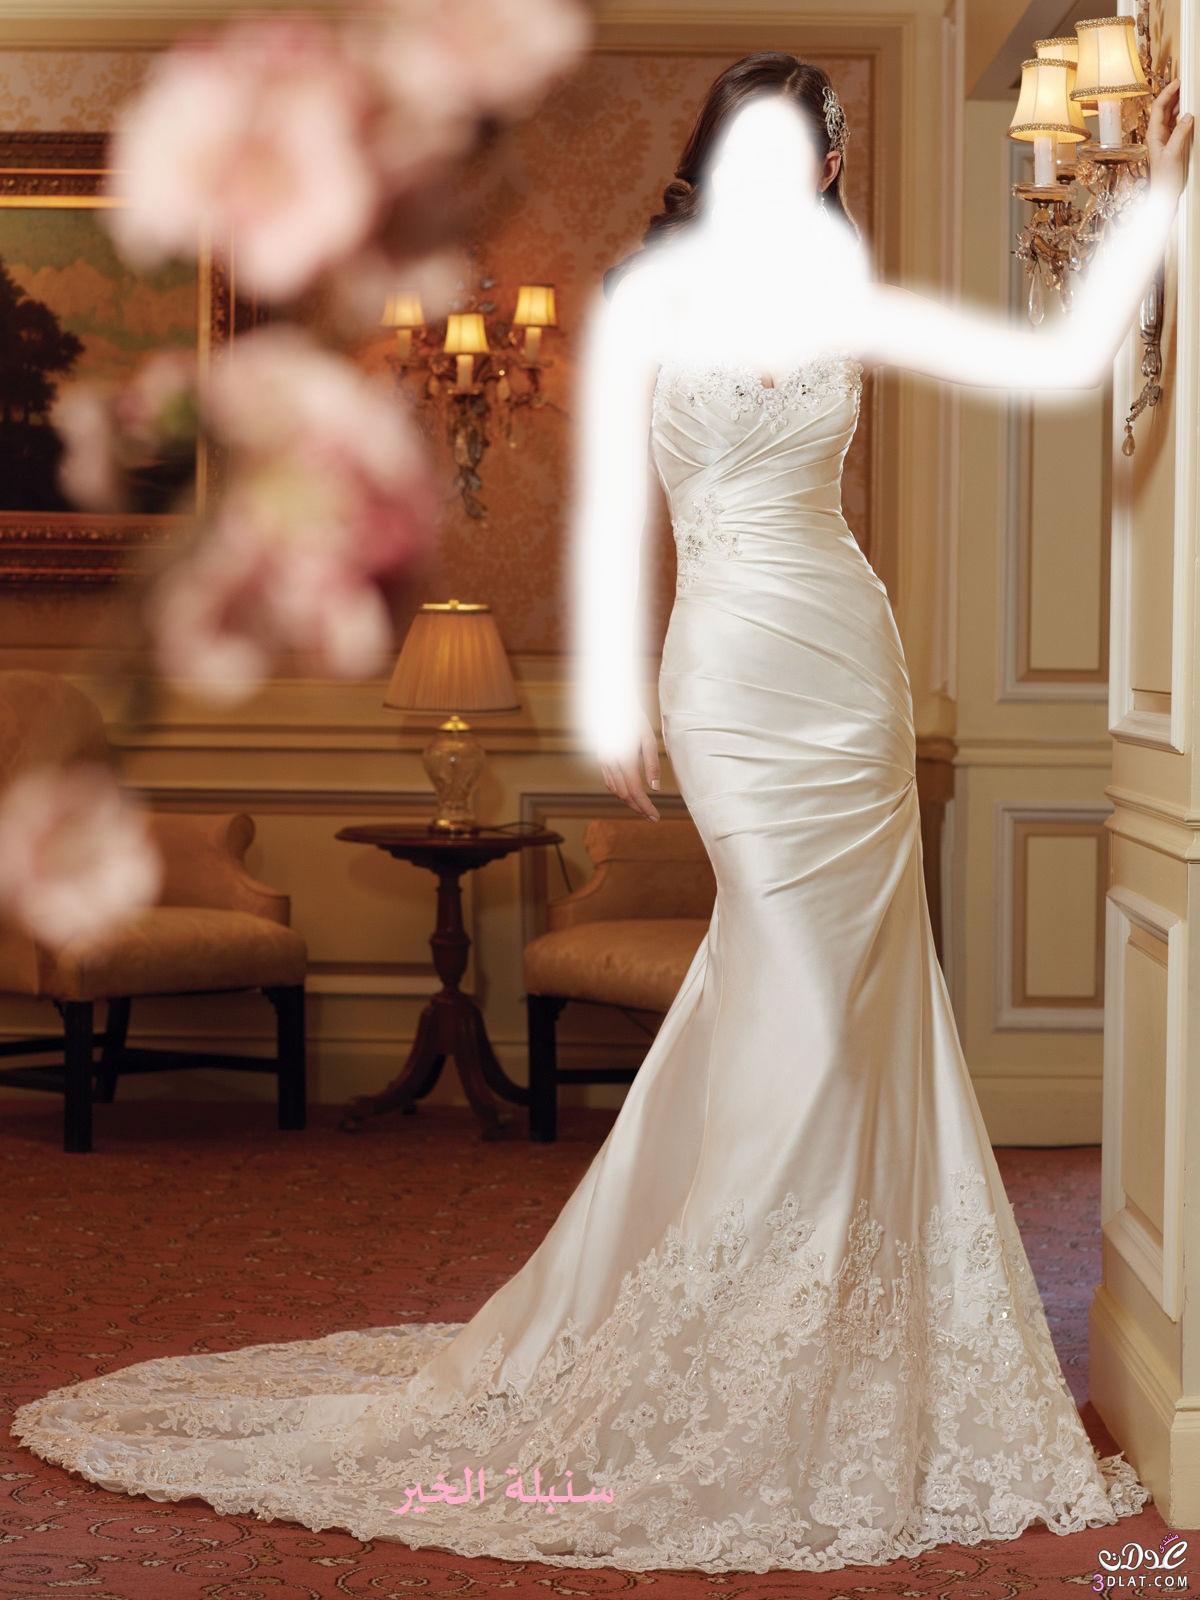 اروع واجمل فساتين الزفاف 2021 - فساتين اخر شياكة 2021 - فساتين 2021